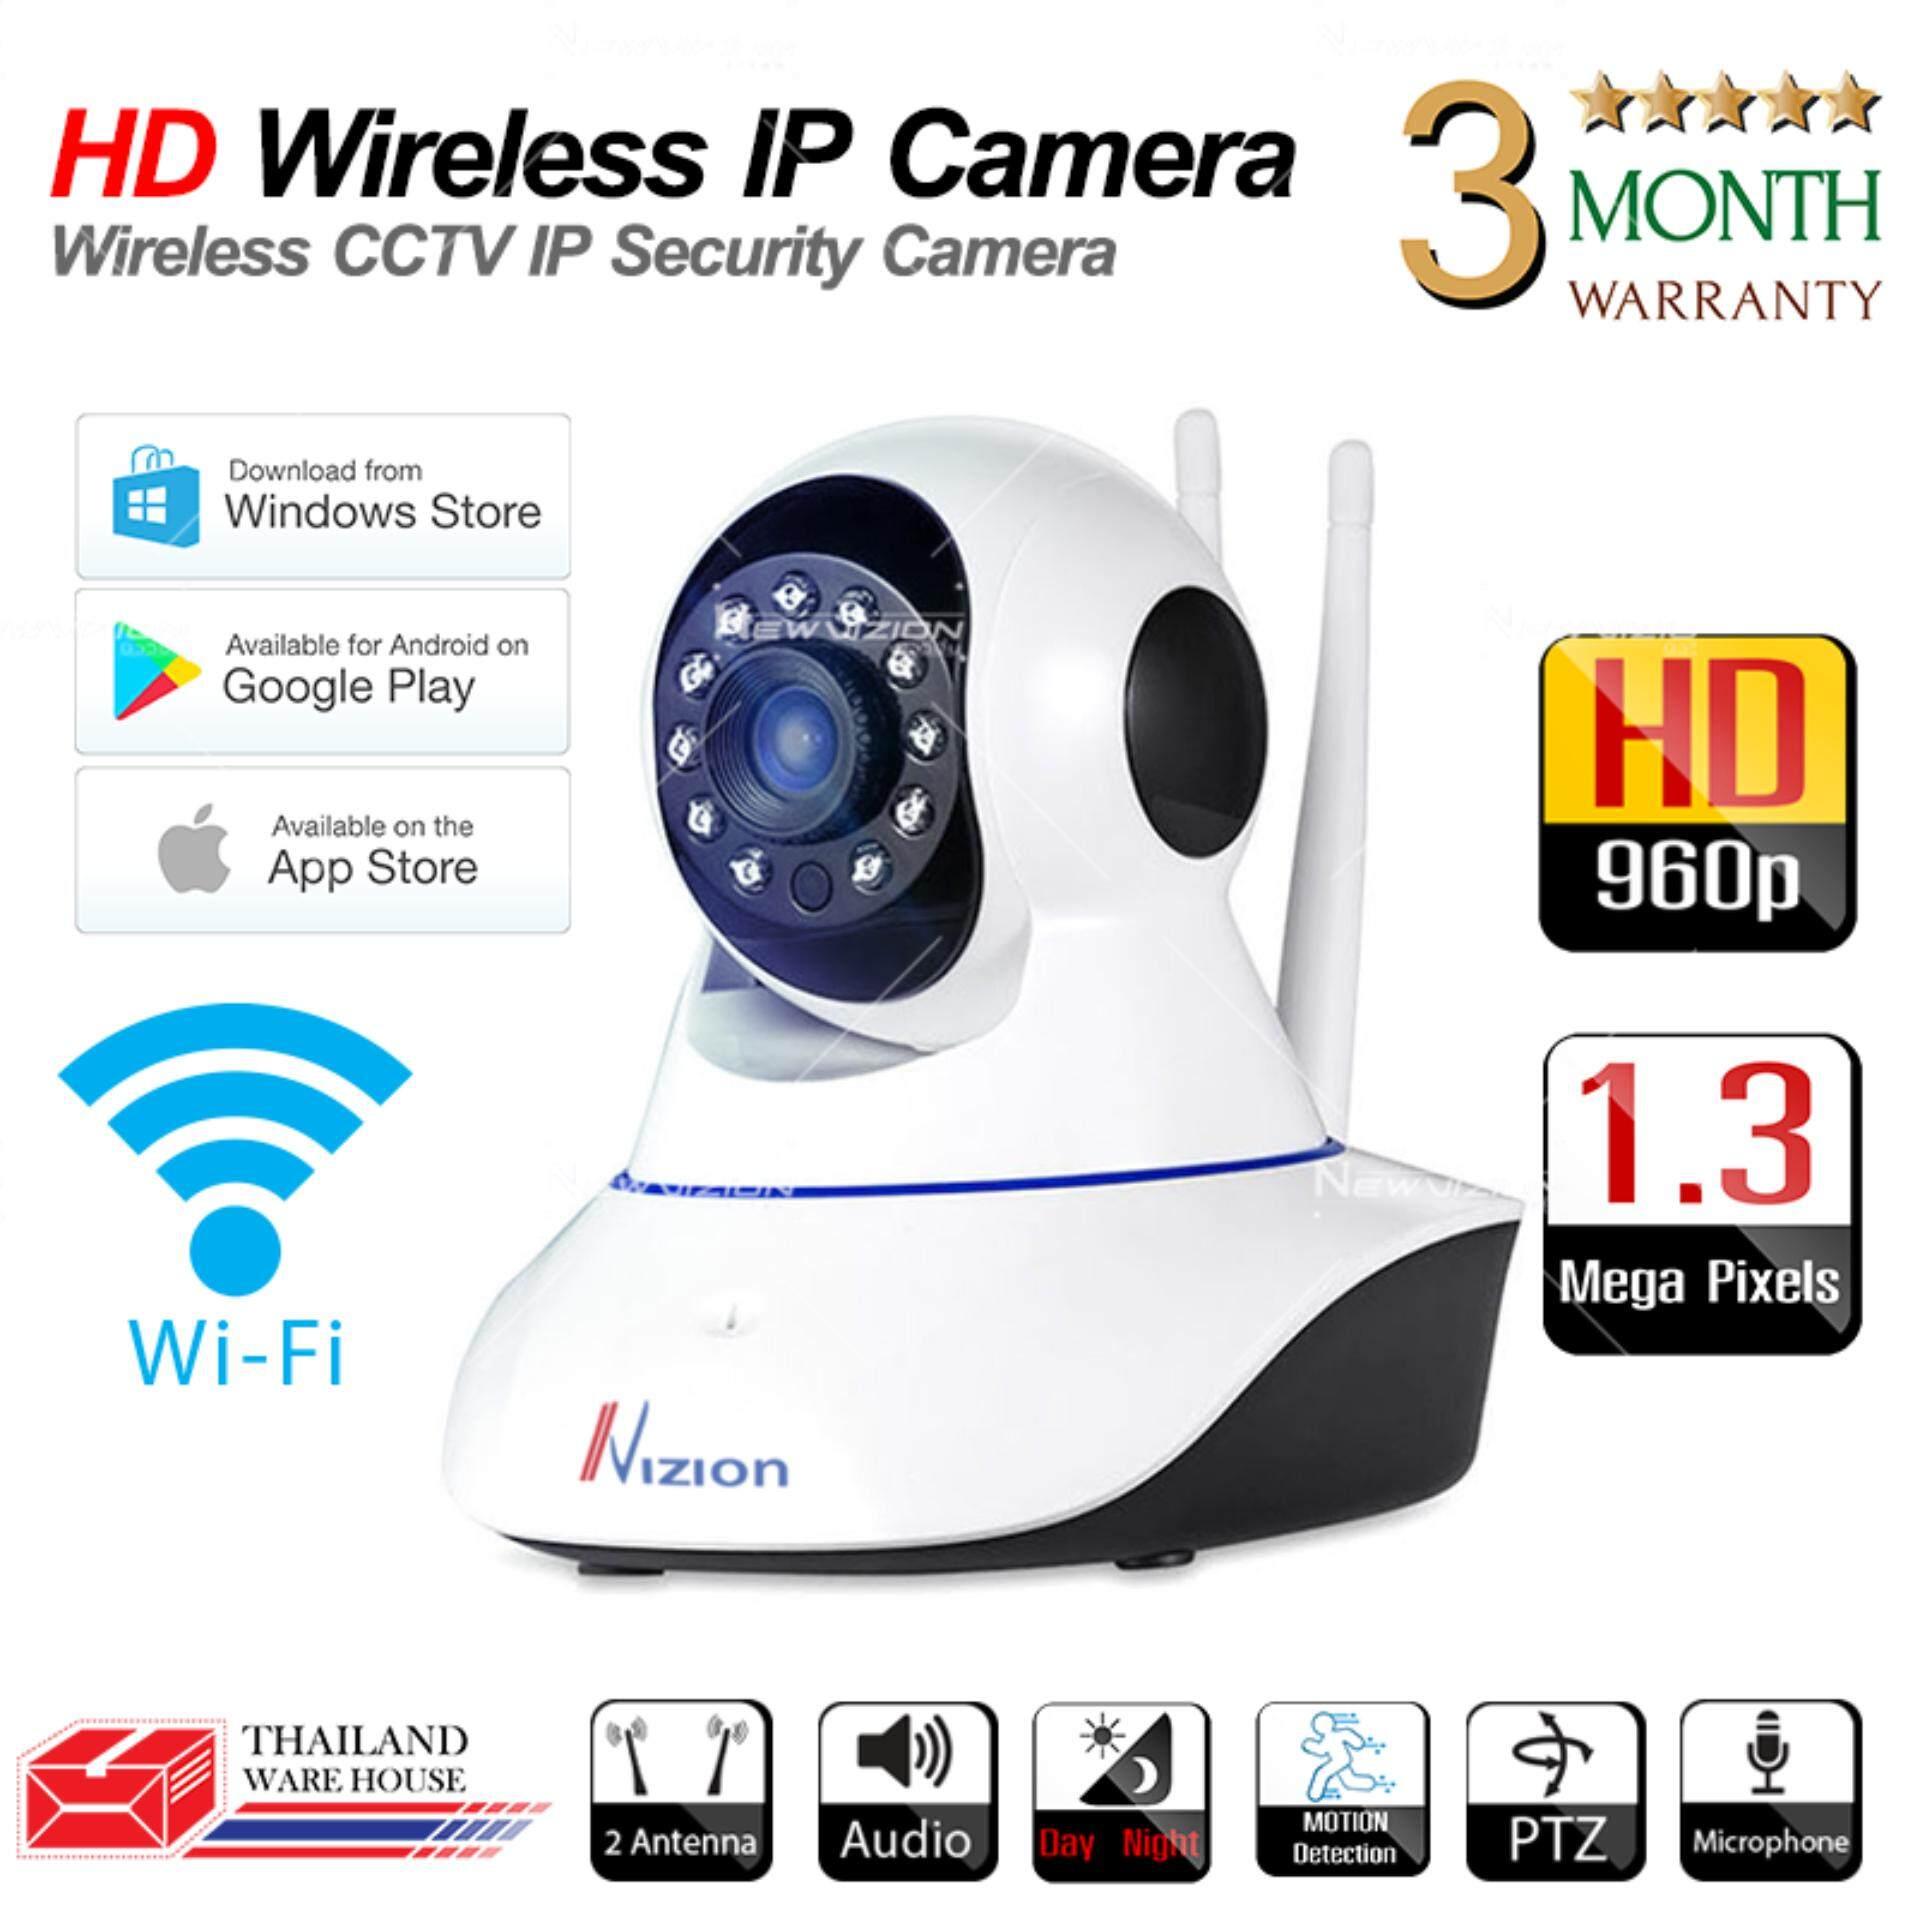 New Vizion P2P CCTV PTZ กล้องวงจรปิดไร้สาย IP Camera / Wifi / Lan Port / Day&Night / Infrared / อินฟราเรด / 1.3 ล้านพิกเซล / HD 960P / ติดตั้งด้วยระบบ Plug And Play / มีเสาสัญญาณ 2 เสา / สามารถจับภาพในที่มืด / มีไมโครโฟนและลำโพงในตัว